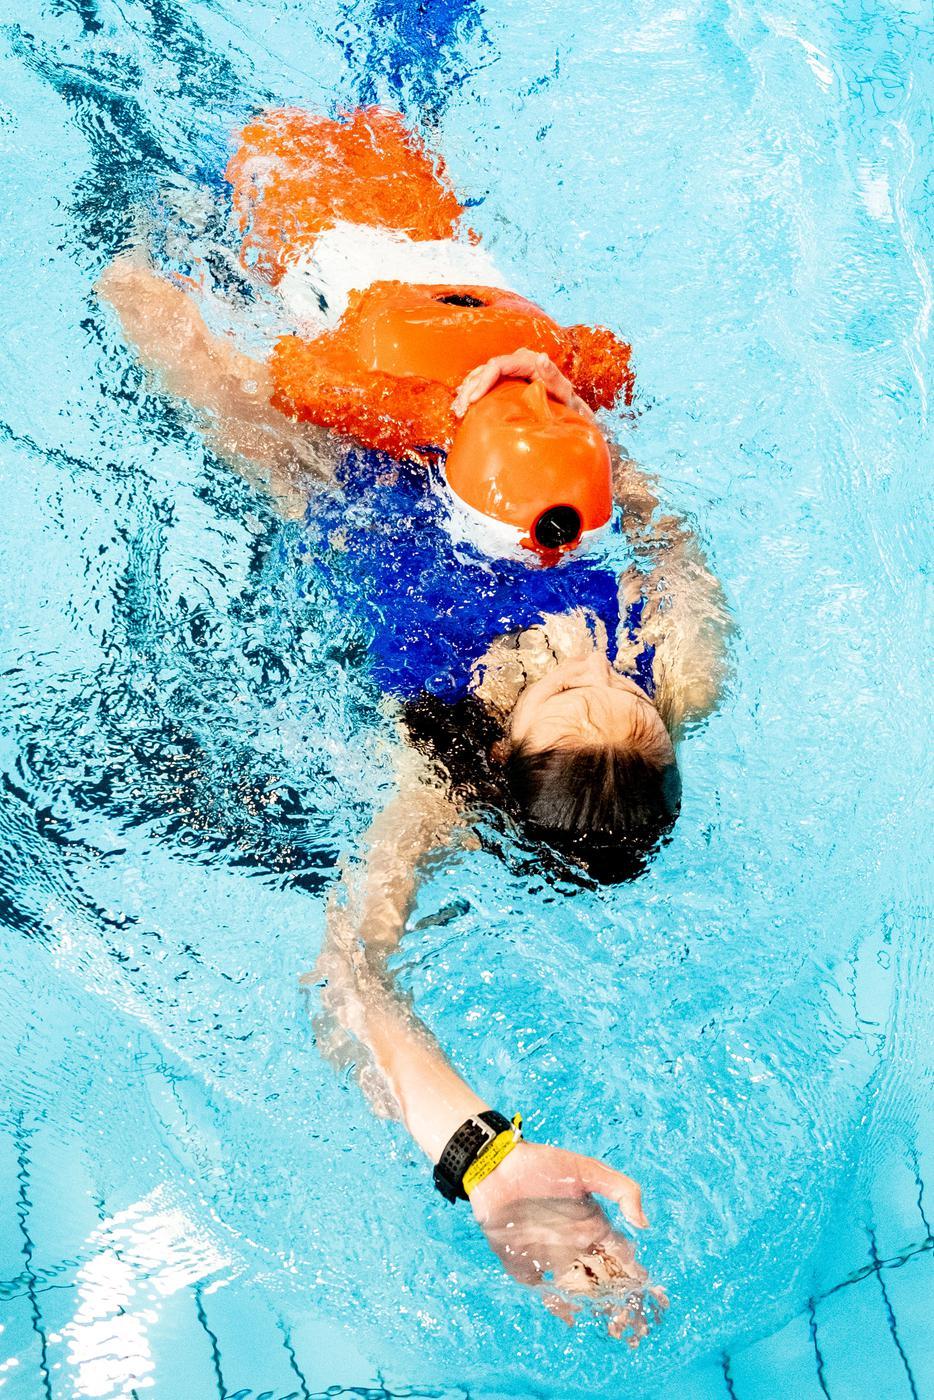 Eine Frau schwimmt und hält eine Rettungspuppe im Arm.